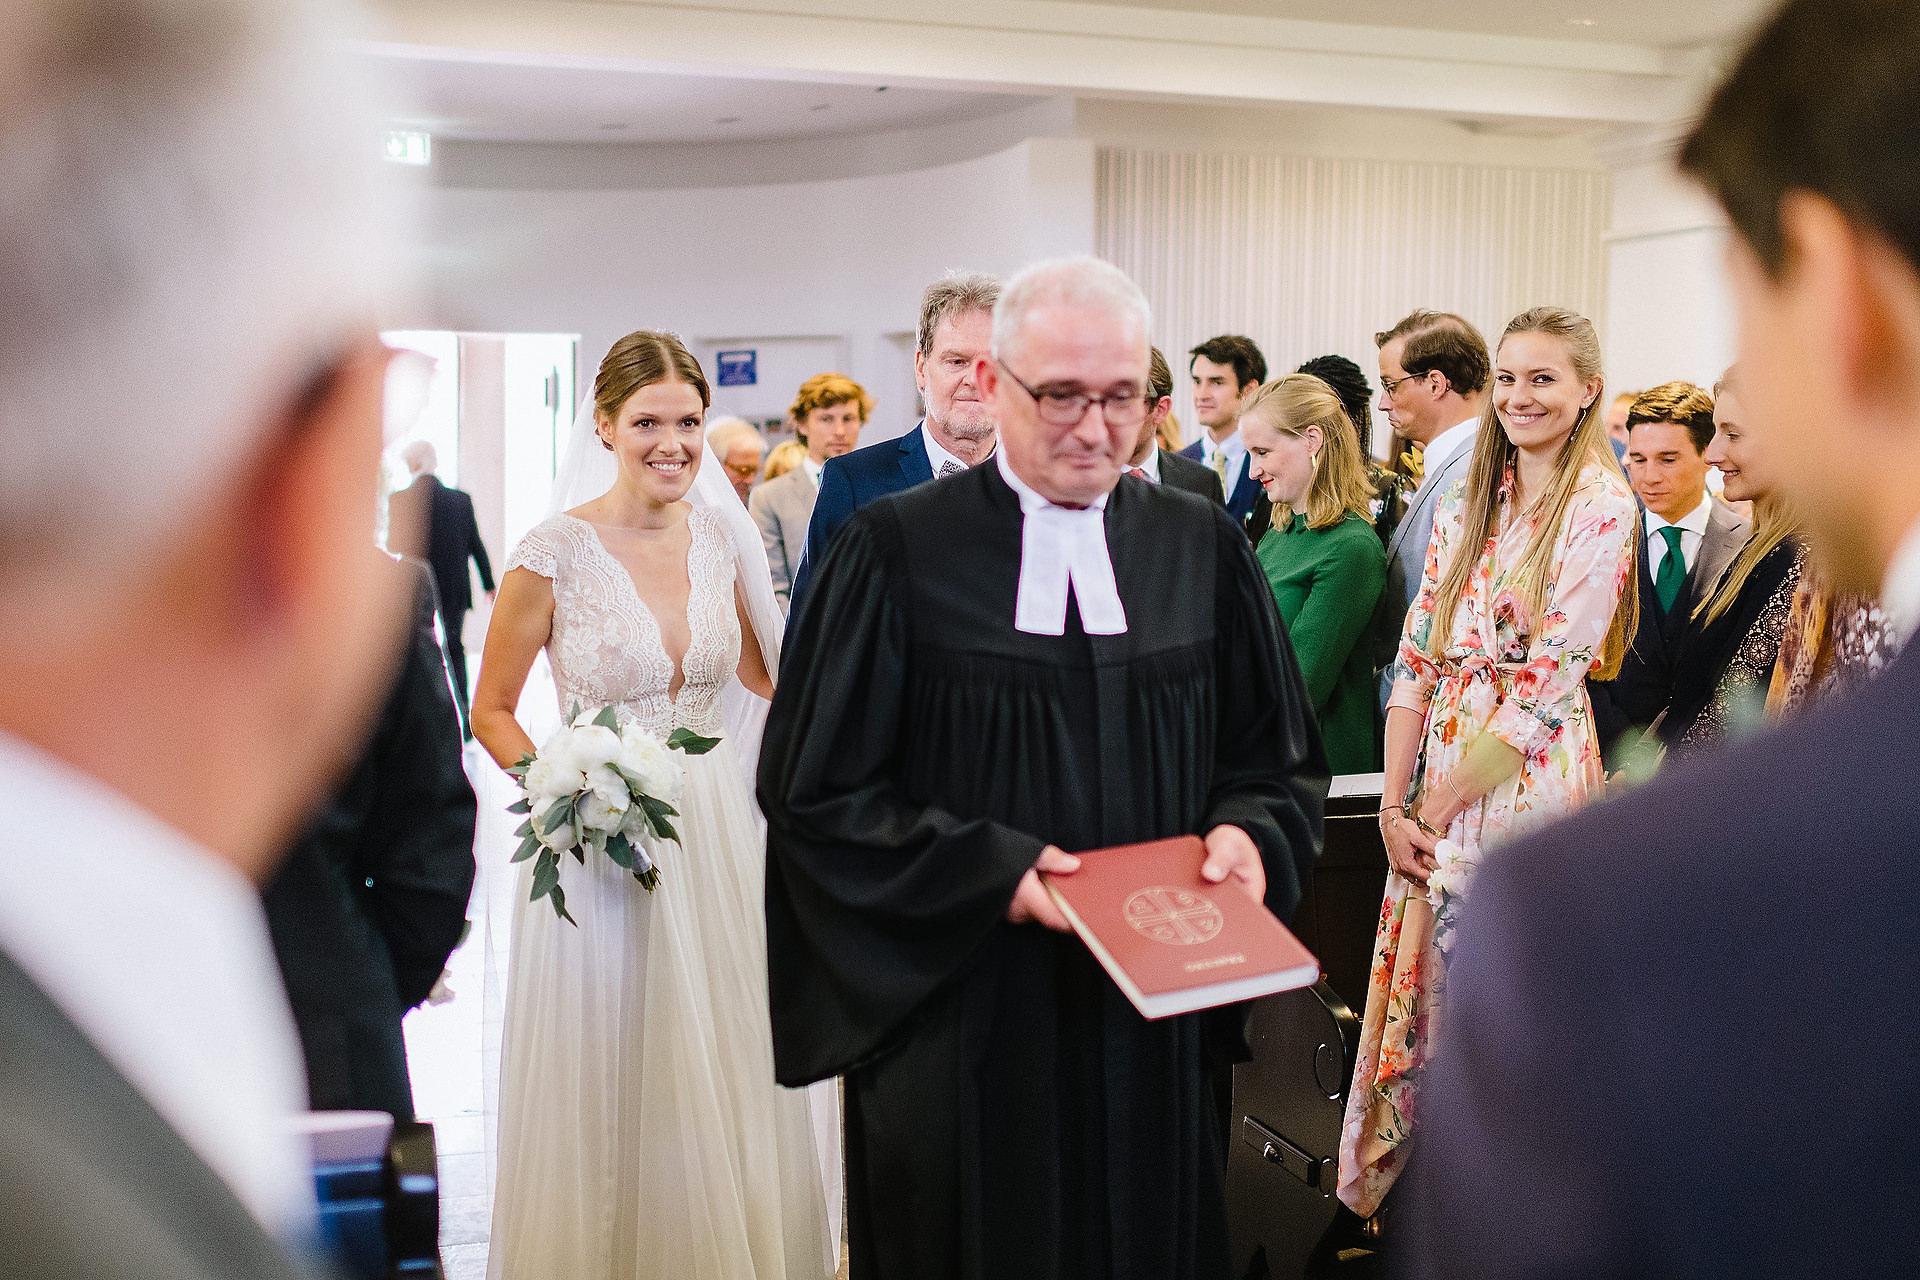 Fotograf Konstanz - Hochzeitsreportage Freiburg Hofgut Lilienhof Hochzeit Fotograf Konstanz 11 - Hochzeit in Freiburg und Hofgut Lilienhof  - 114 -